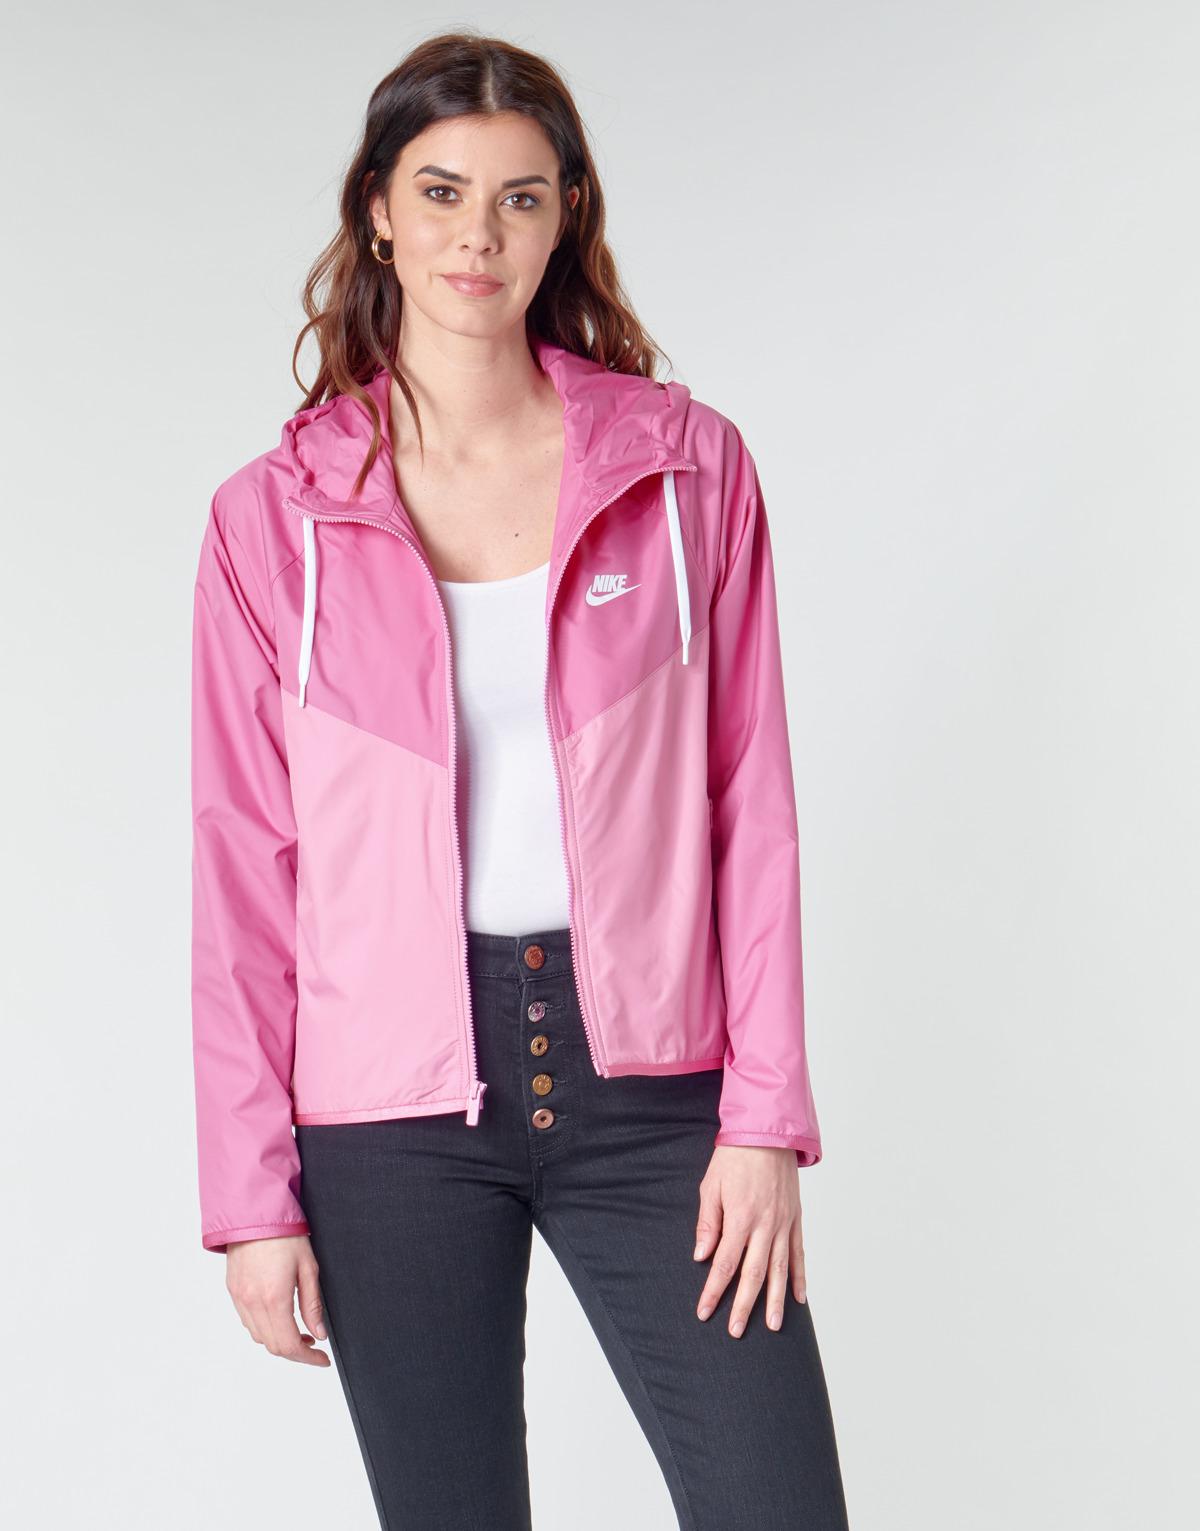 giacca a vento Nike W NSW WR JKT Rosa 17081271 Consegna Gratuita